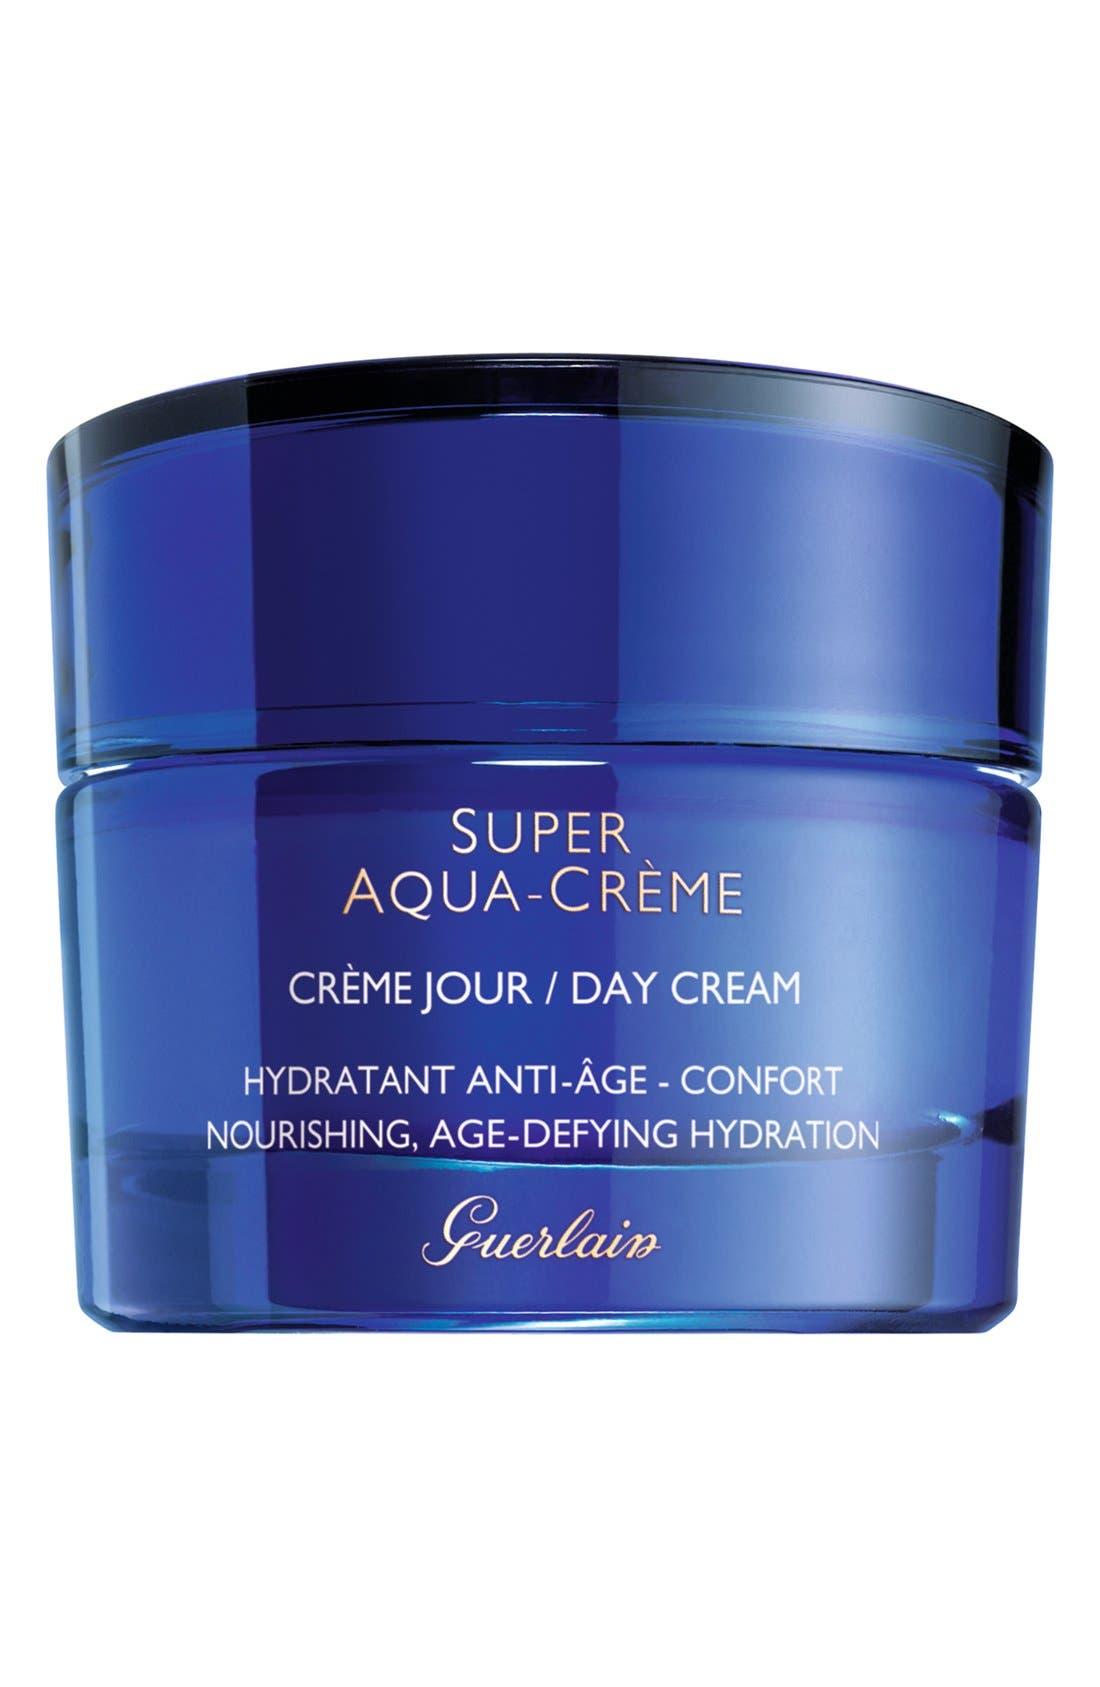 Super Aqua-Crème Day Cream,                             Main thumbnail 1, color,                             NO COLOR